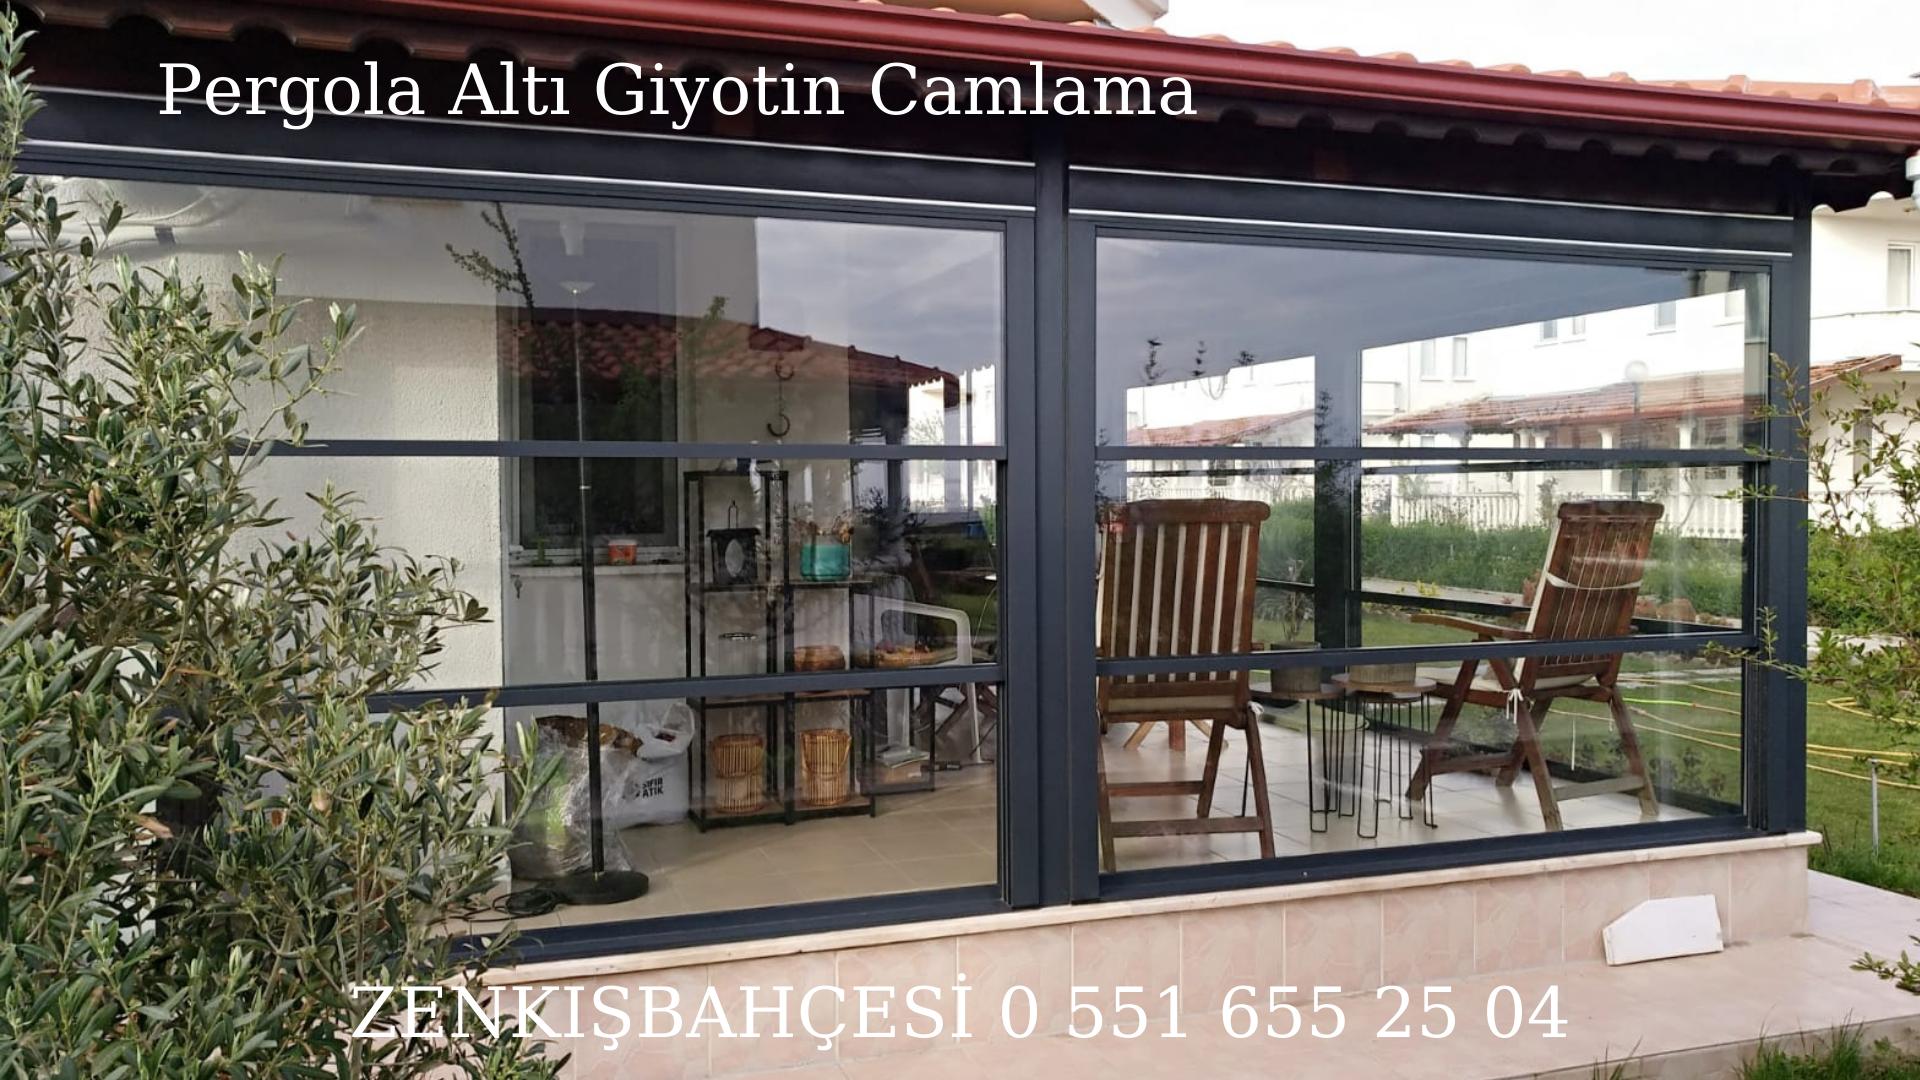 Kış bahçesi pergola altı giyotin cam İzmir